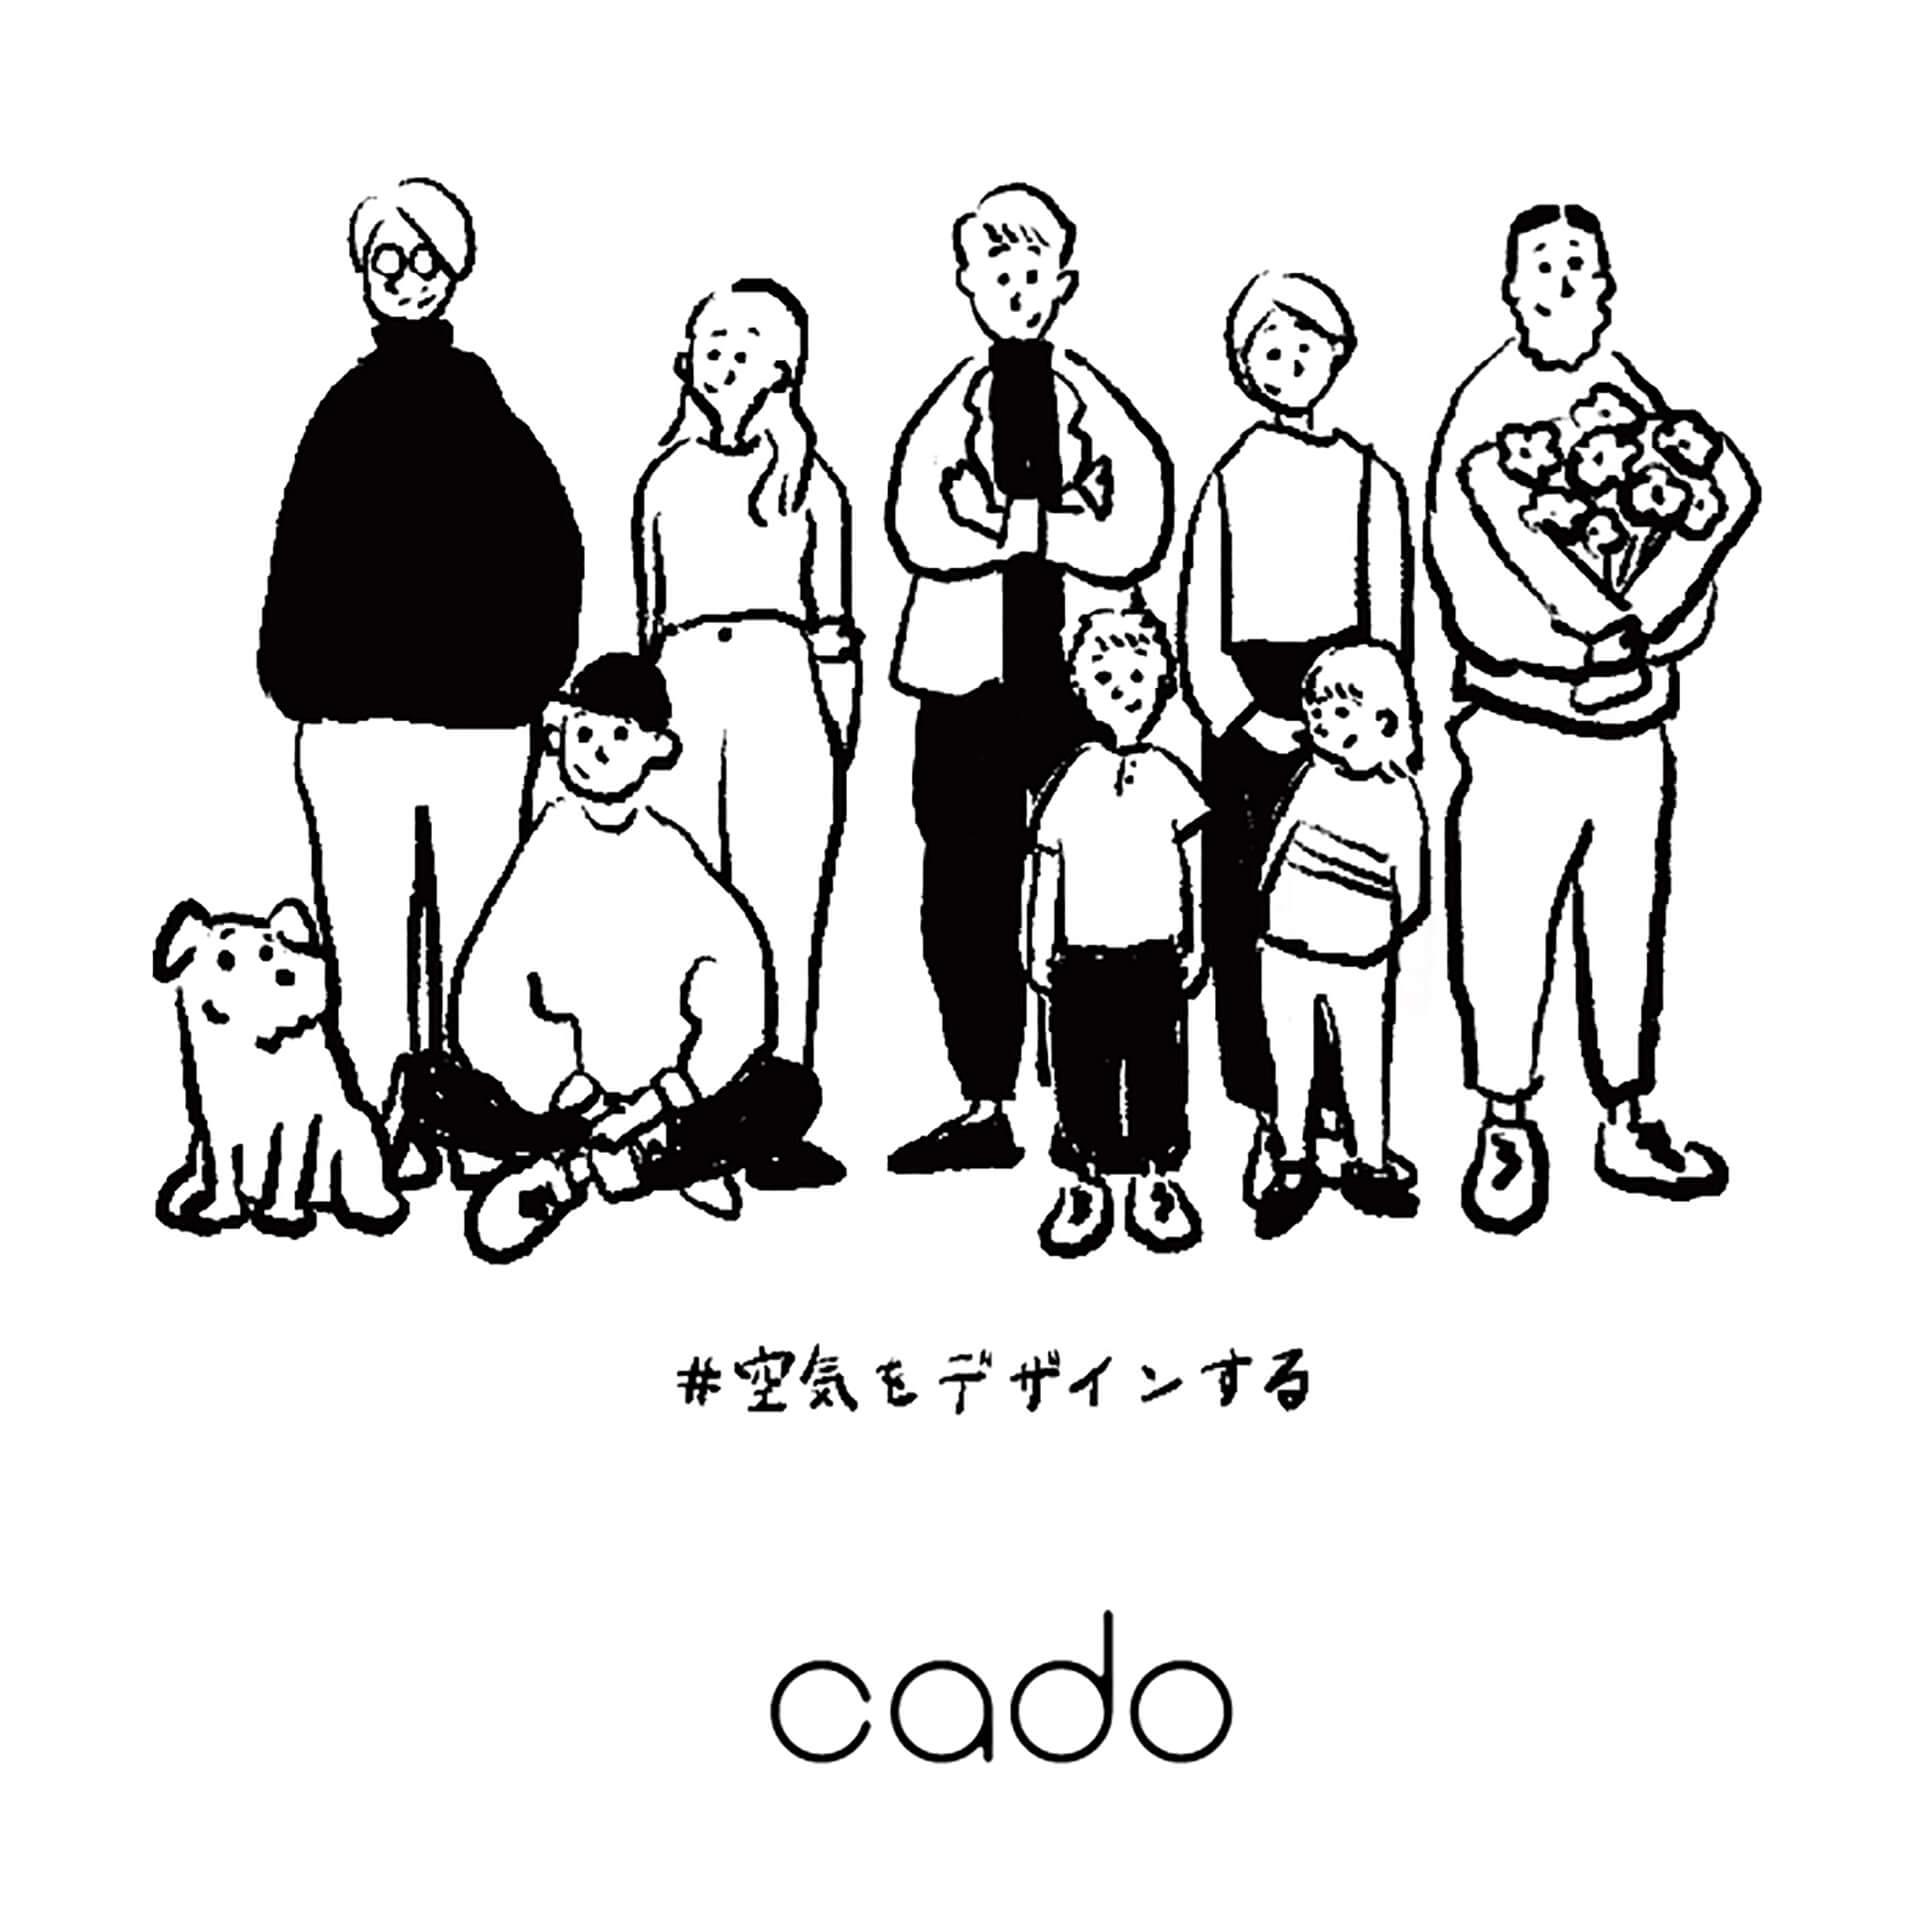 #空気をデザインする supported by cado